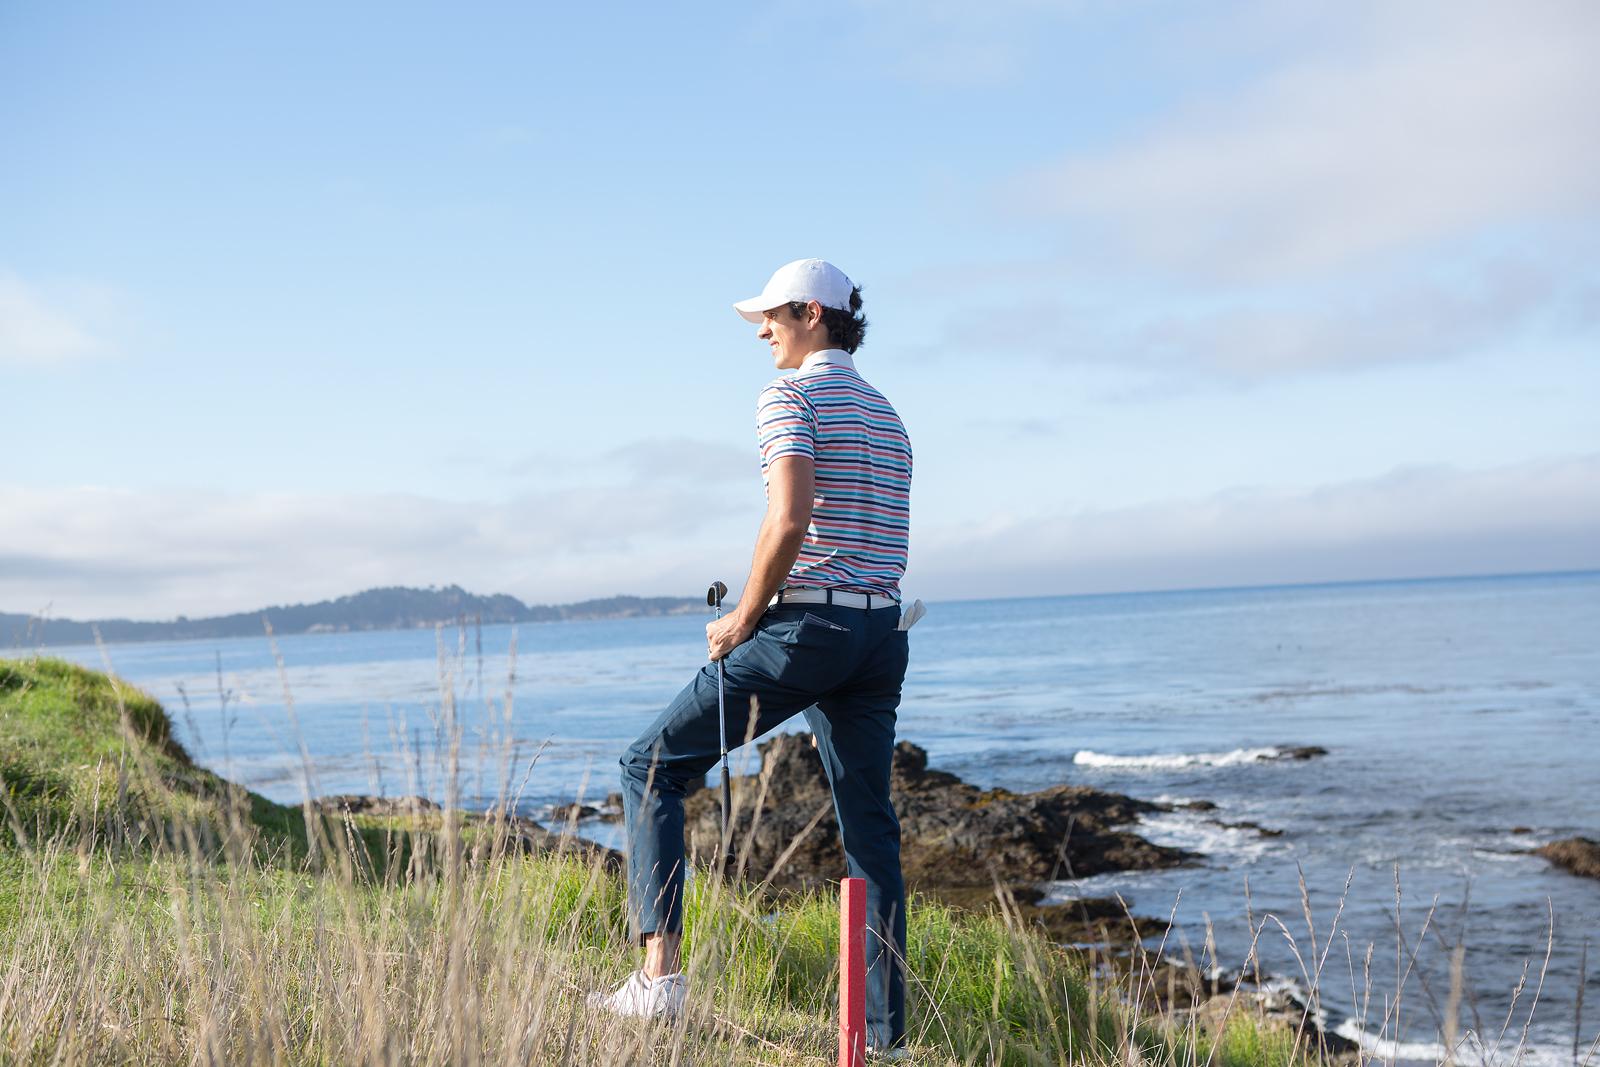 Great golf trip